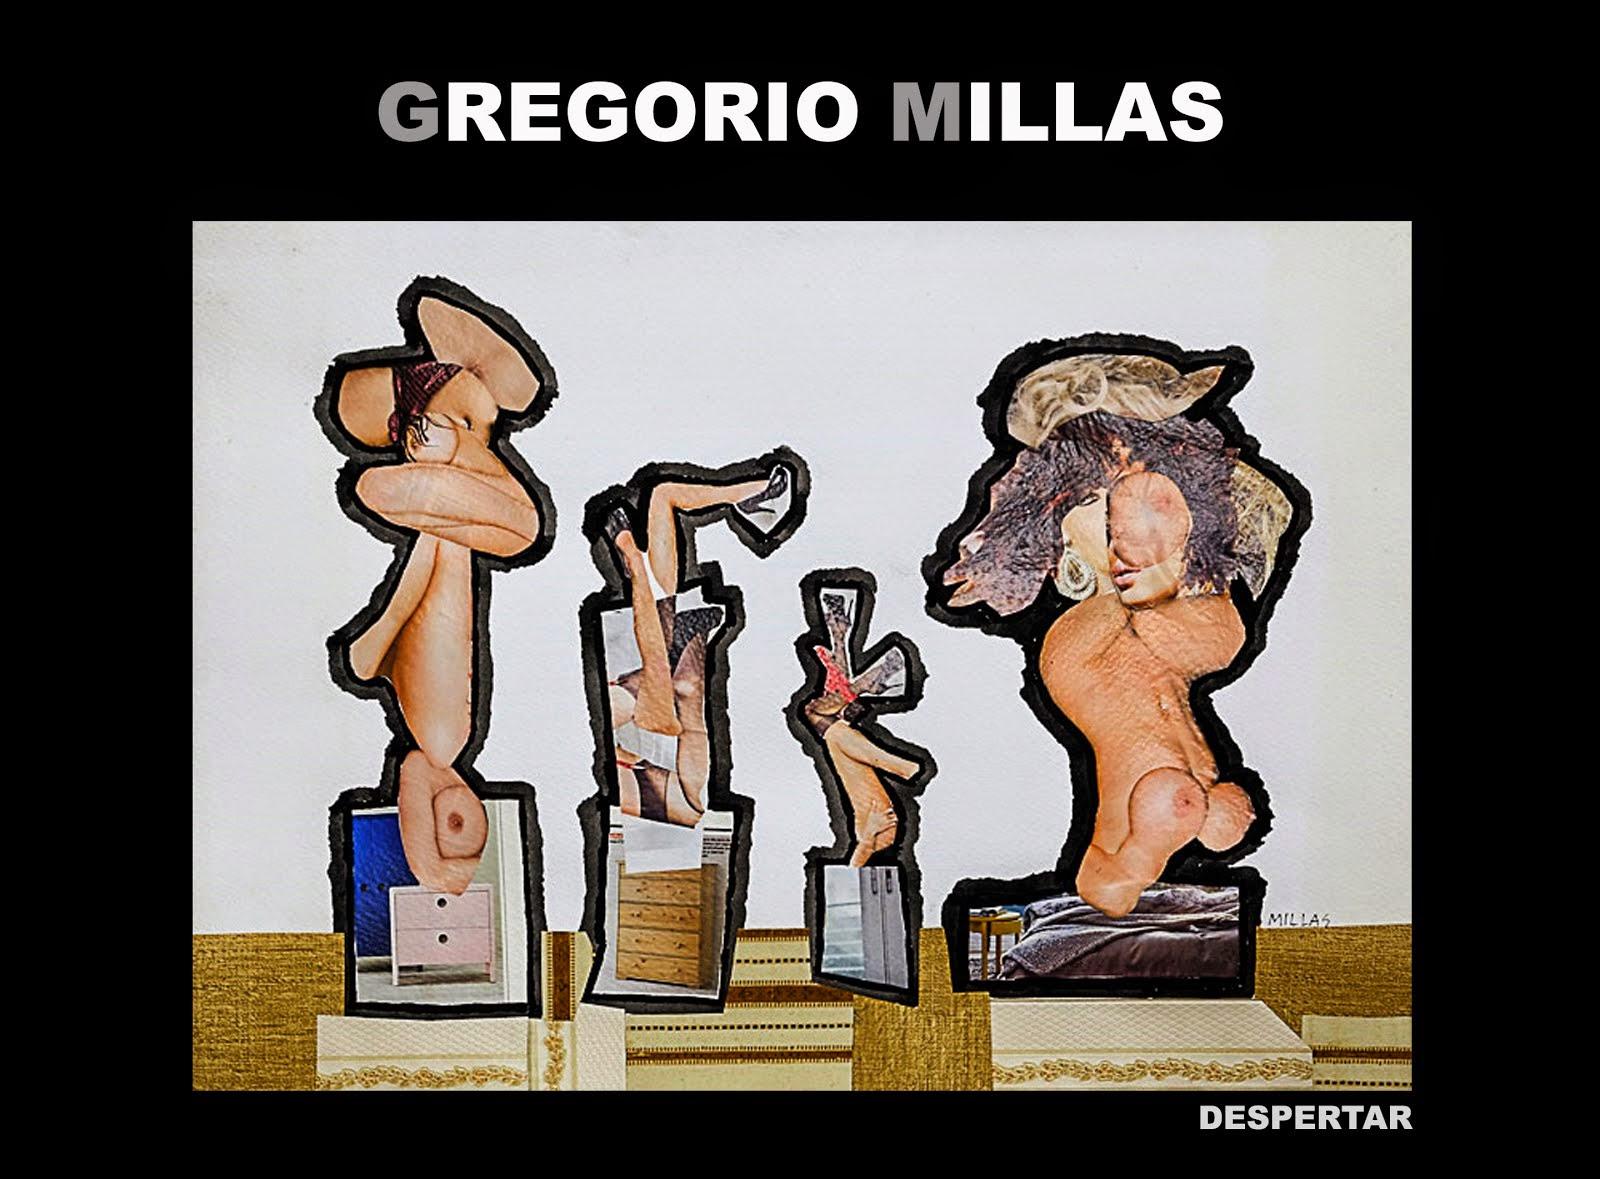 GREGORIO MILLAS